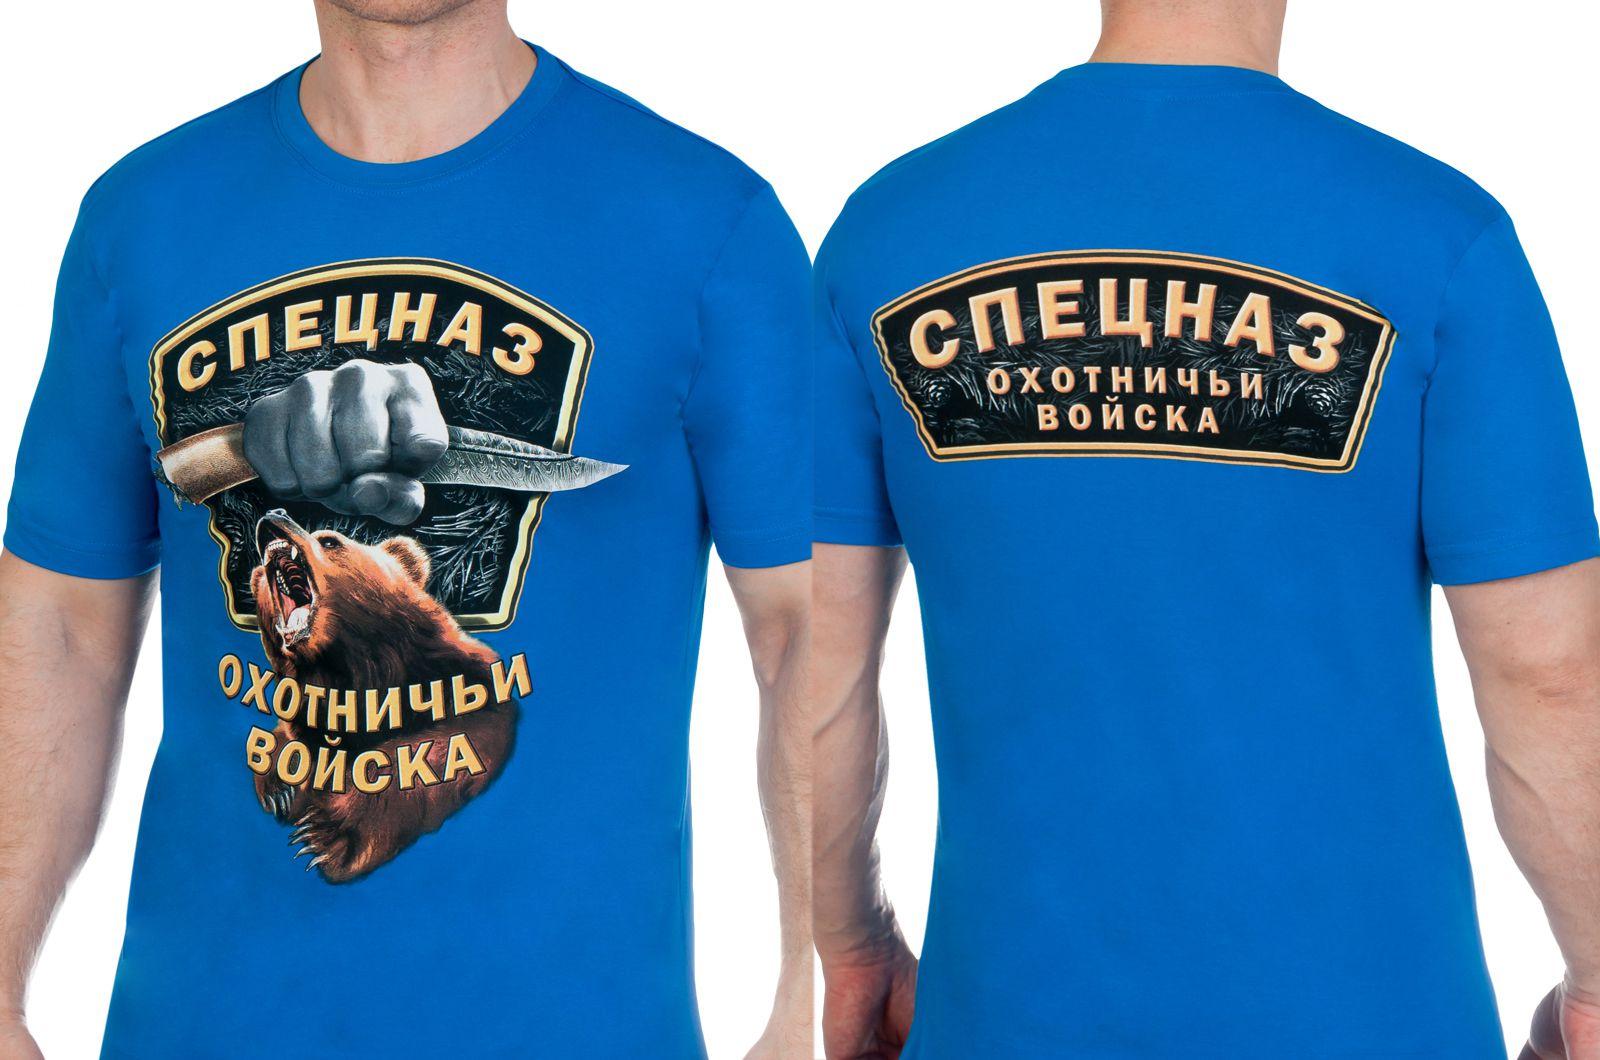 Заказать футболки с медведем и надписью